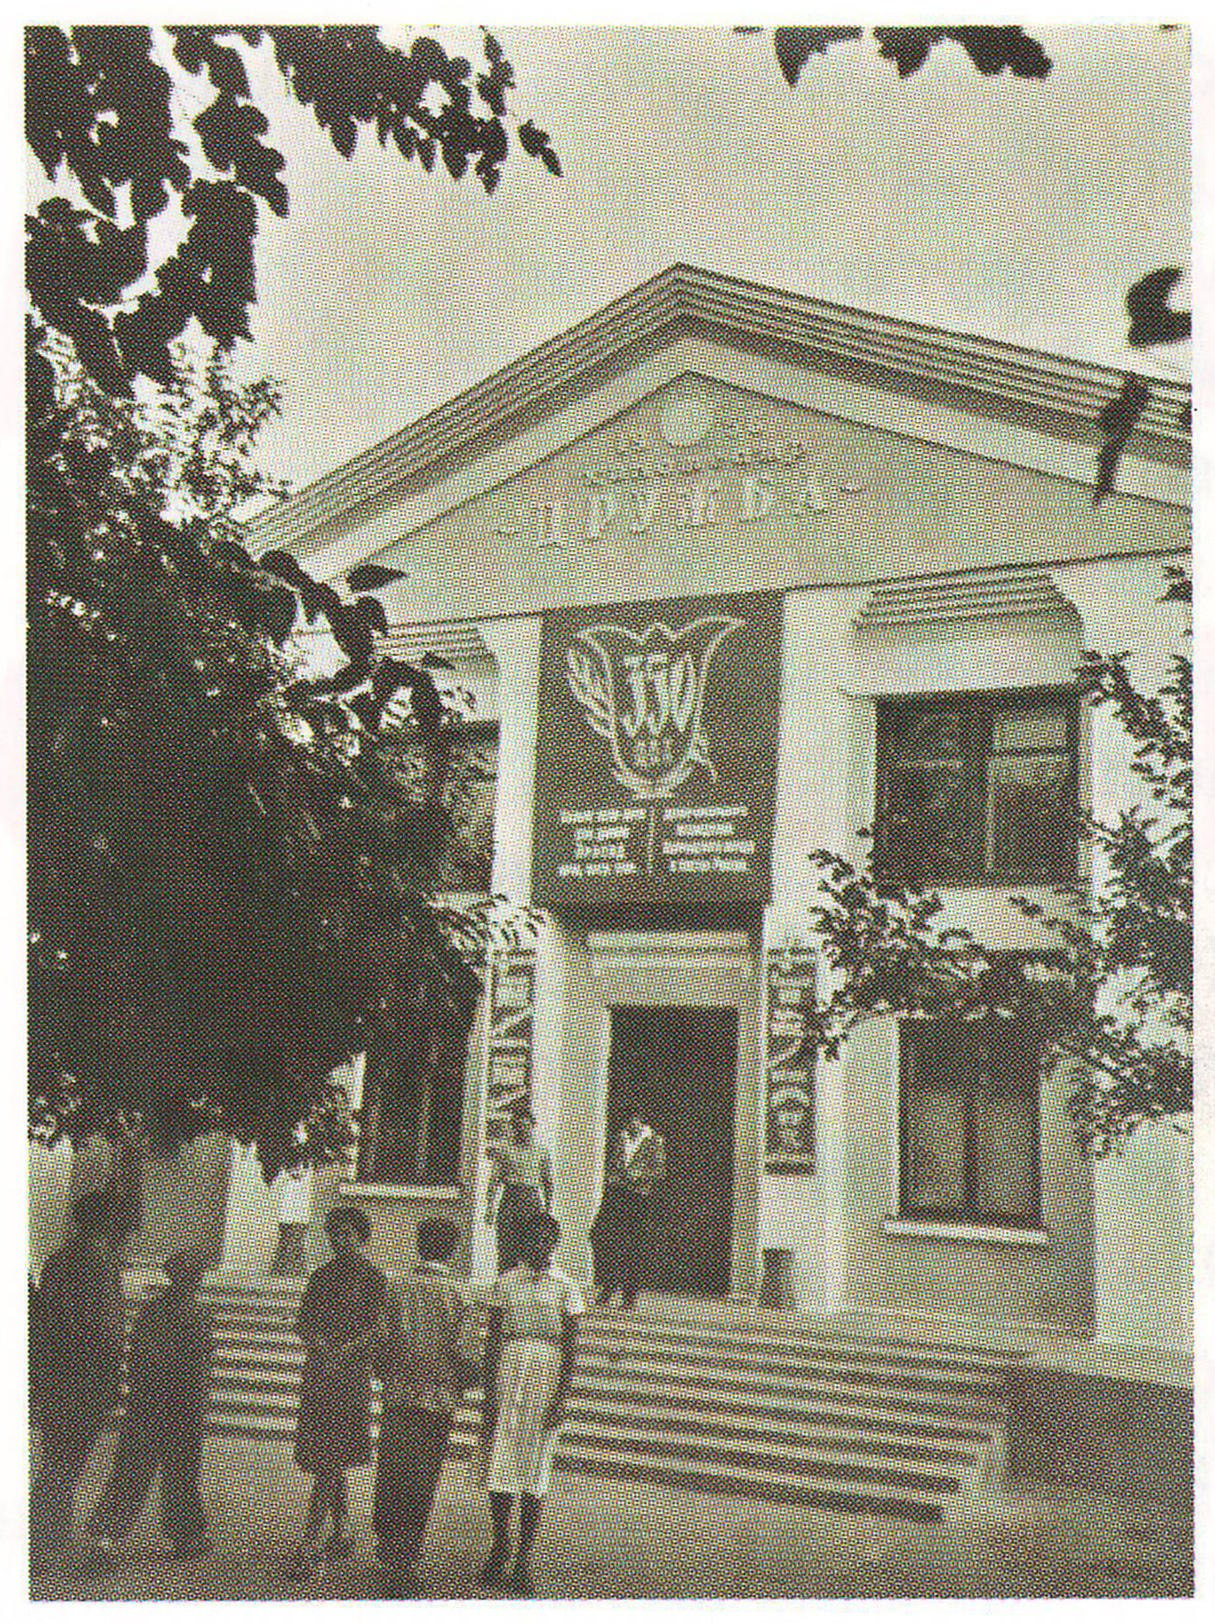 Кинотеатр Дружба (сейчас на этом месте Лас Вегас). 1959 год